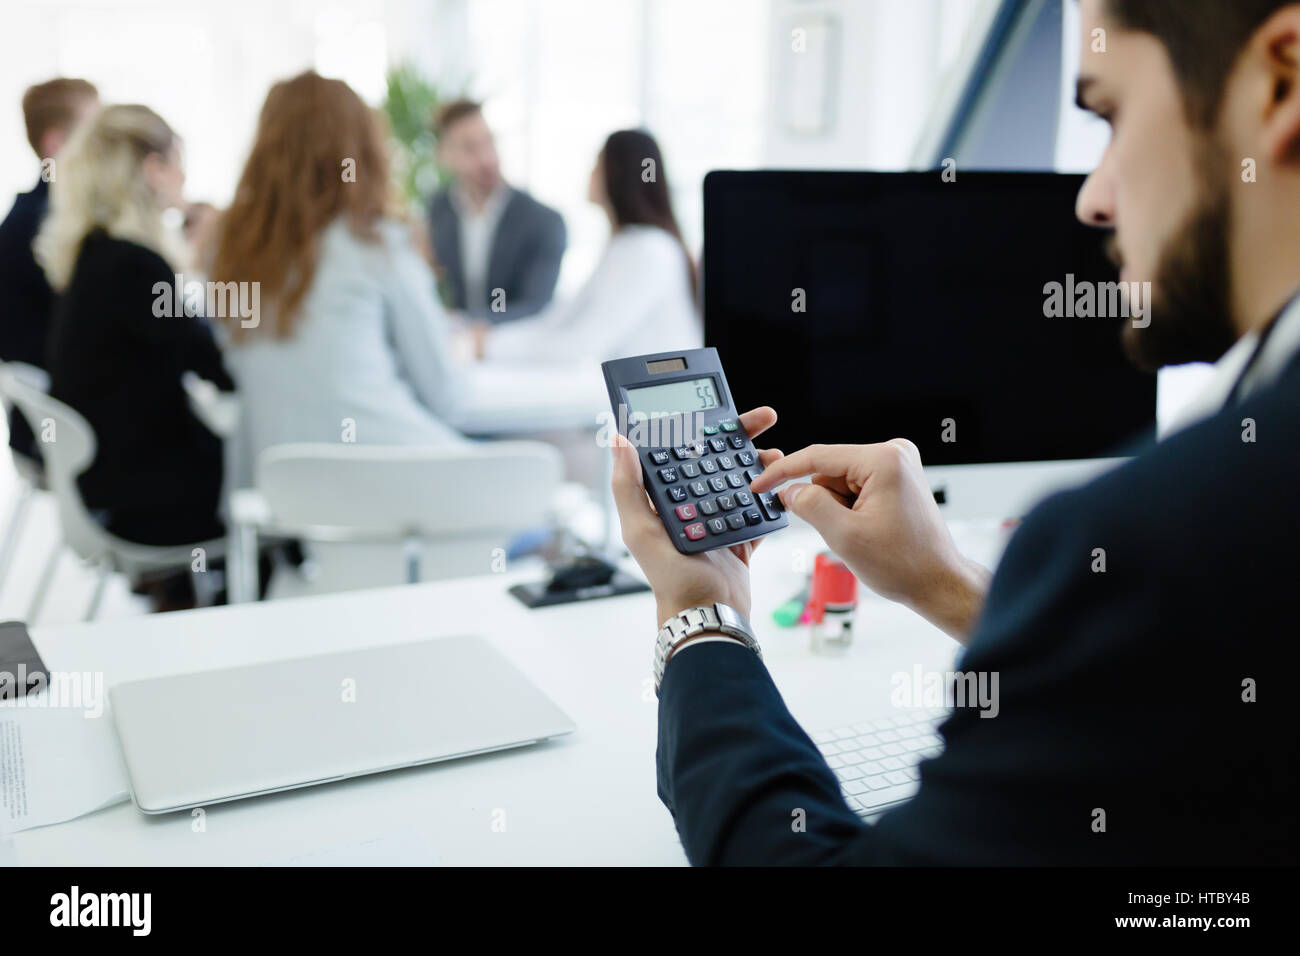 Il controllo contabile statistiche di profitto aziendale sulla calcolatrice Immagini Stock